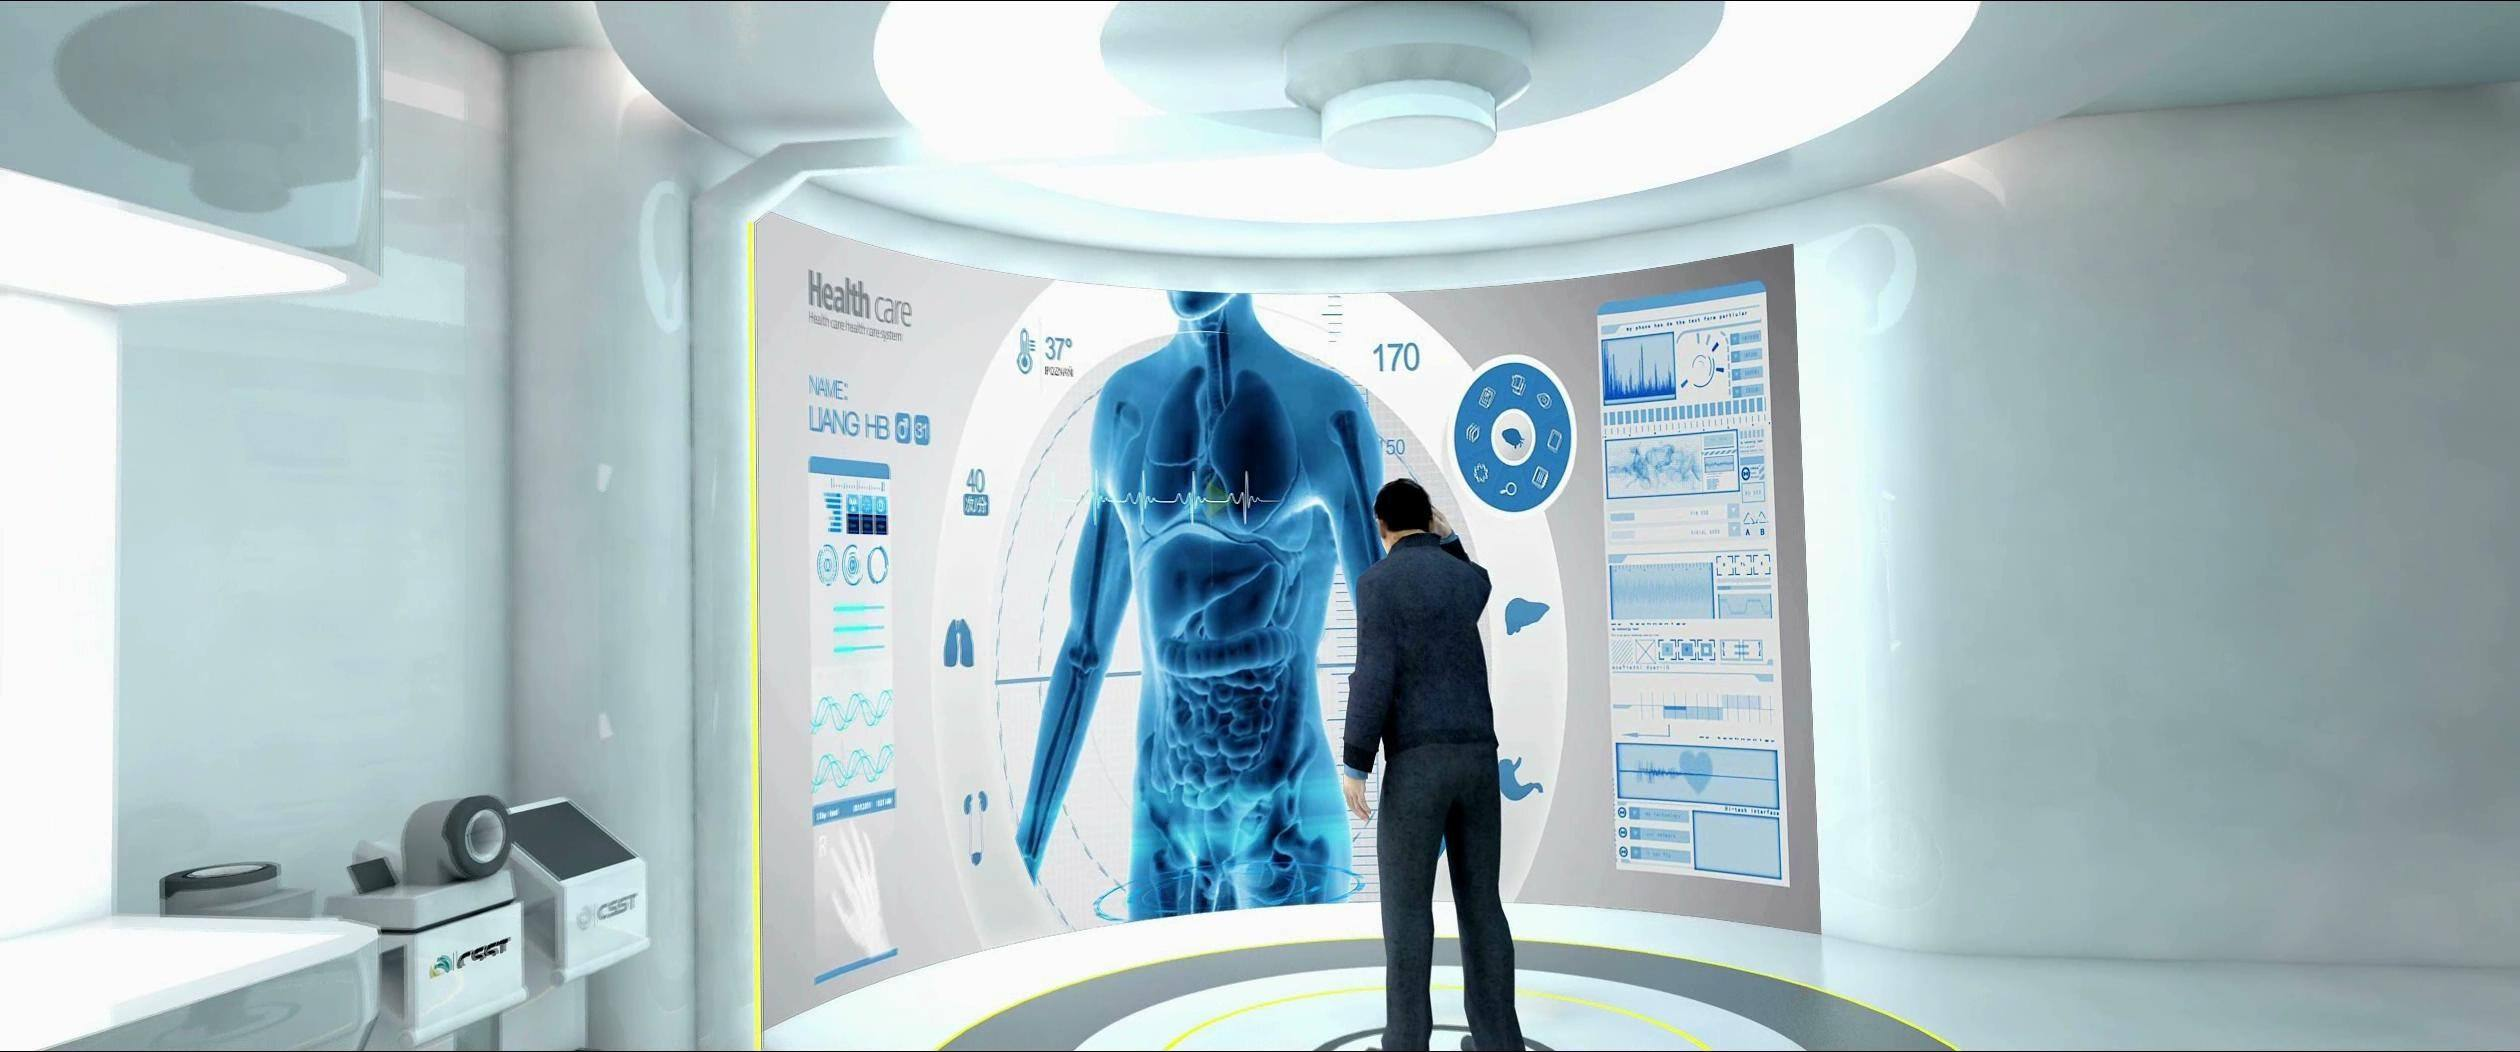 """郑州将打造智慧医疗示范领域,实施""""互联网+医疗健康""""等重大工程"""